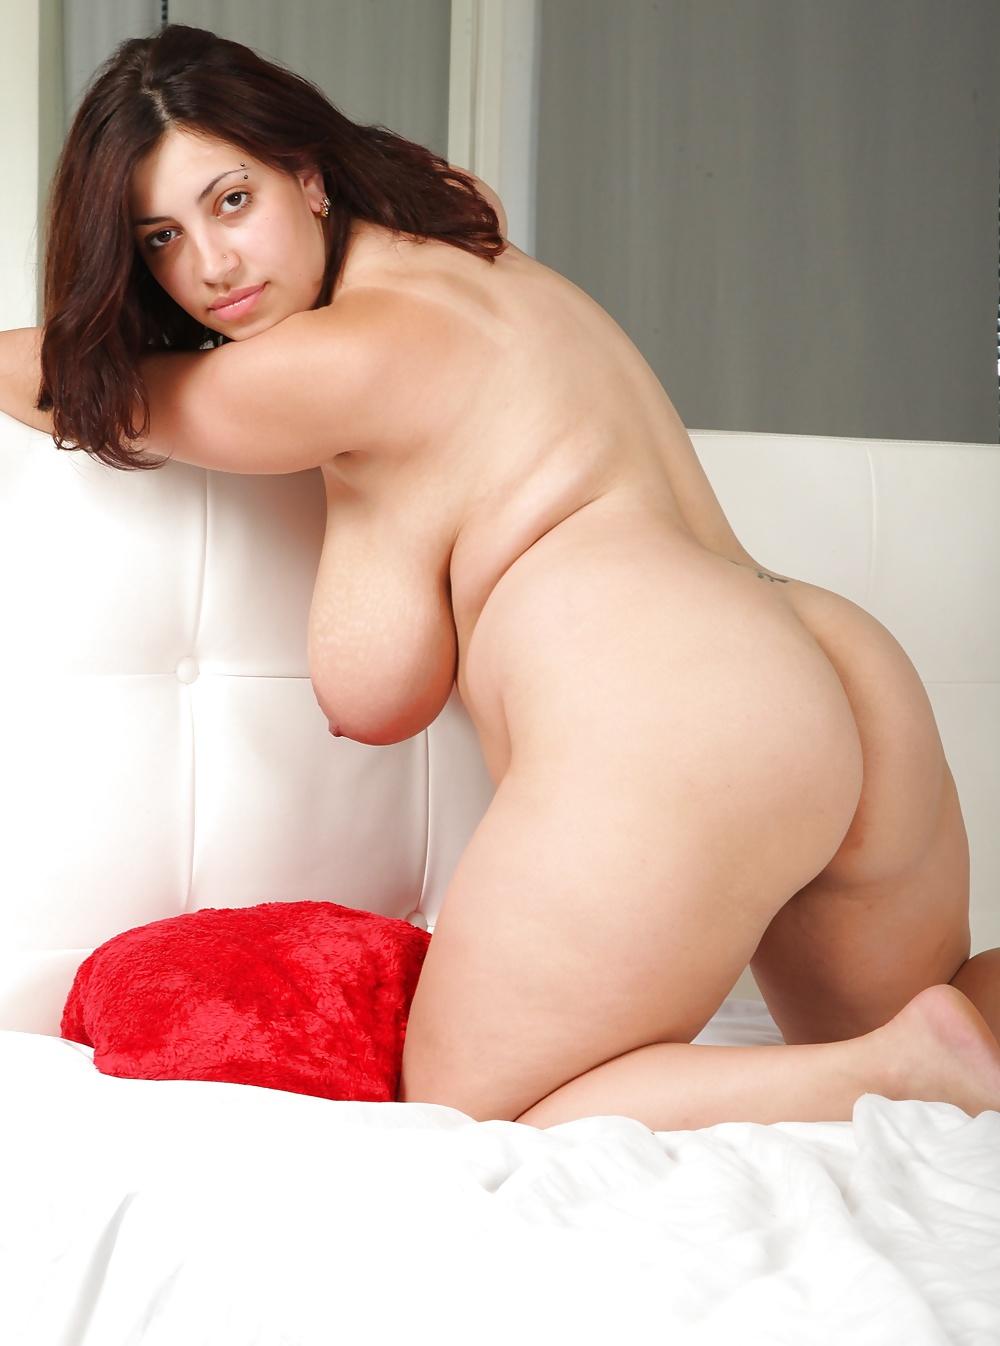 Schönste mollige Mädchen aus Schweiz nackte mollige mädchen - Bild 9